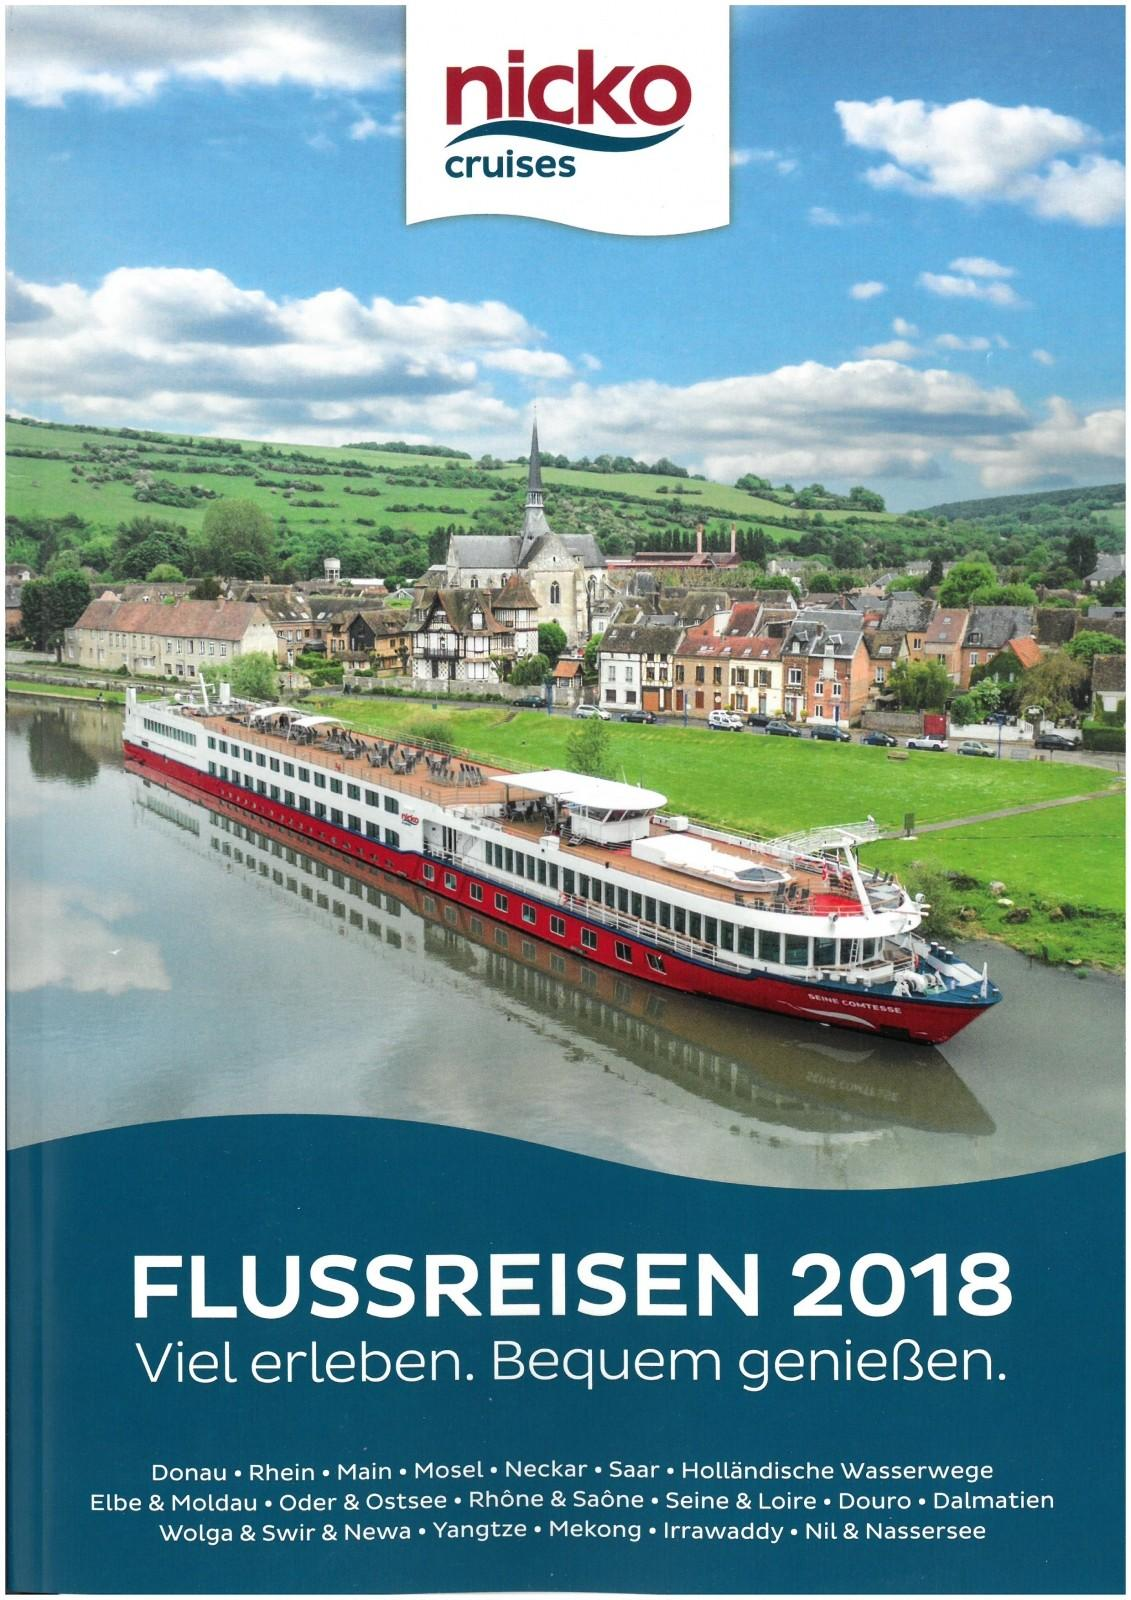 Flussreisen 2018 - nicko cruises